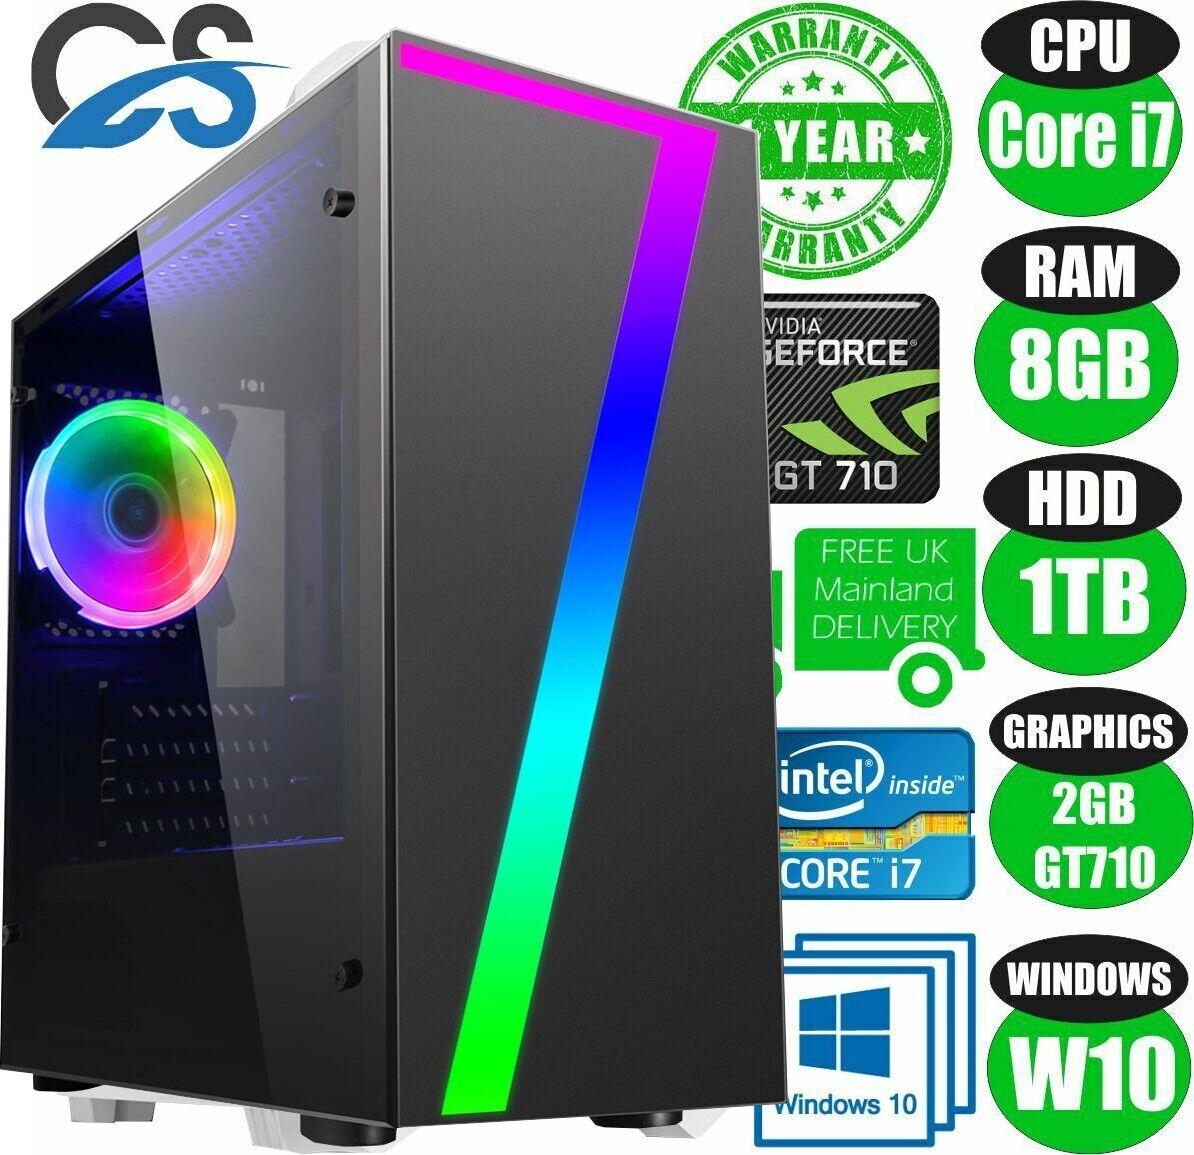 Computer Games - FAST Quad Core i7 Gaming PC 8GB RAM 1TB Nvidia GT710 Windows 10 Desktop Computer